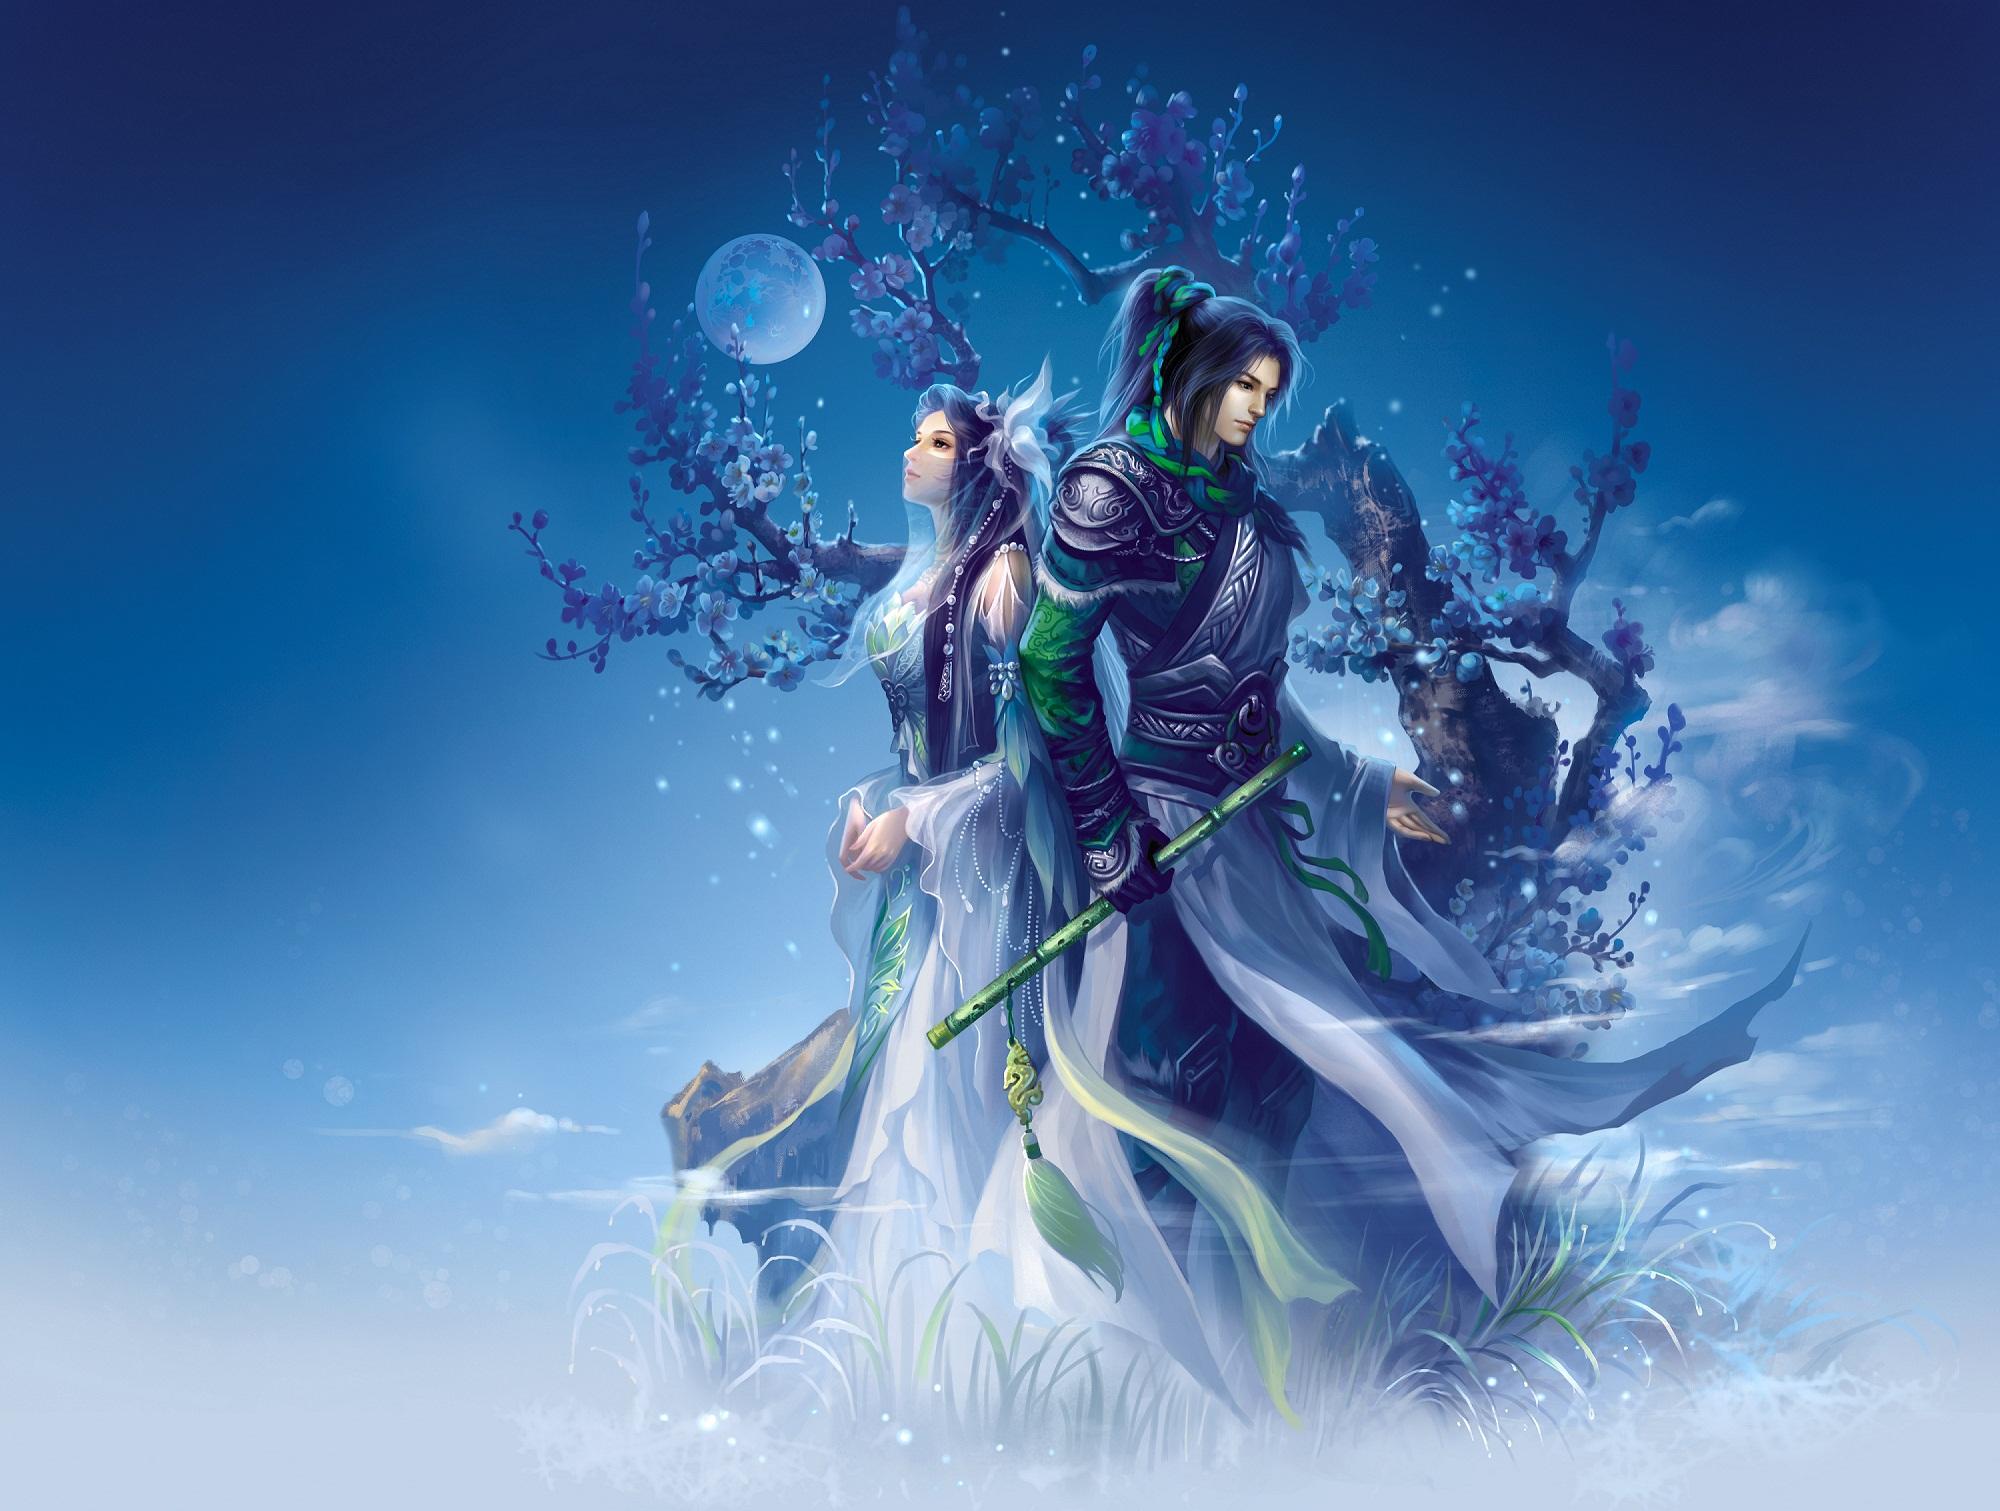 唐峰林梦佳小说叫什么书名 唐王者归来唐峰